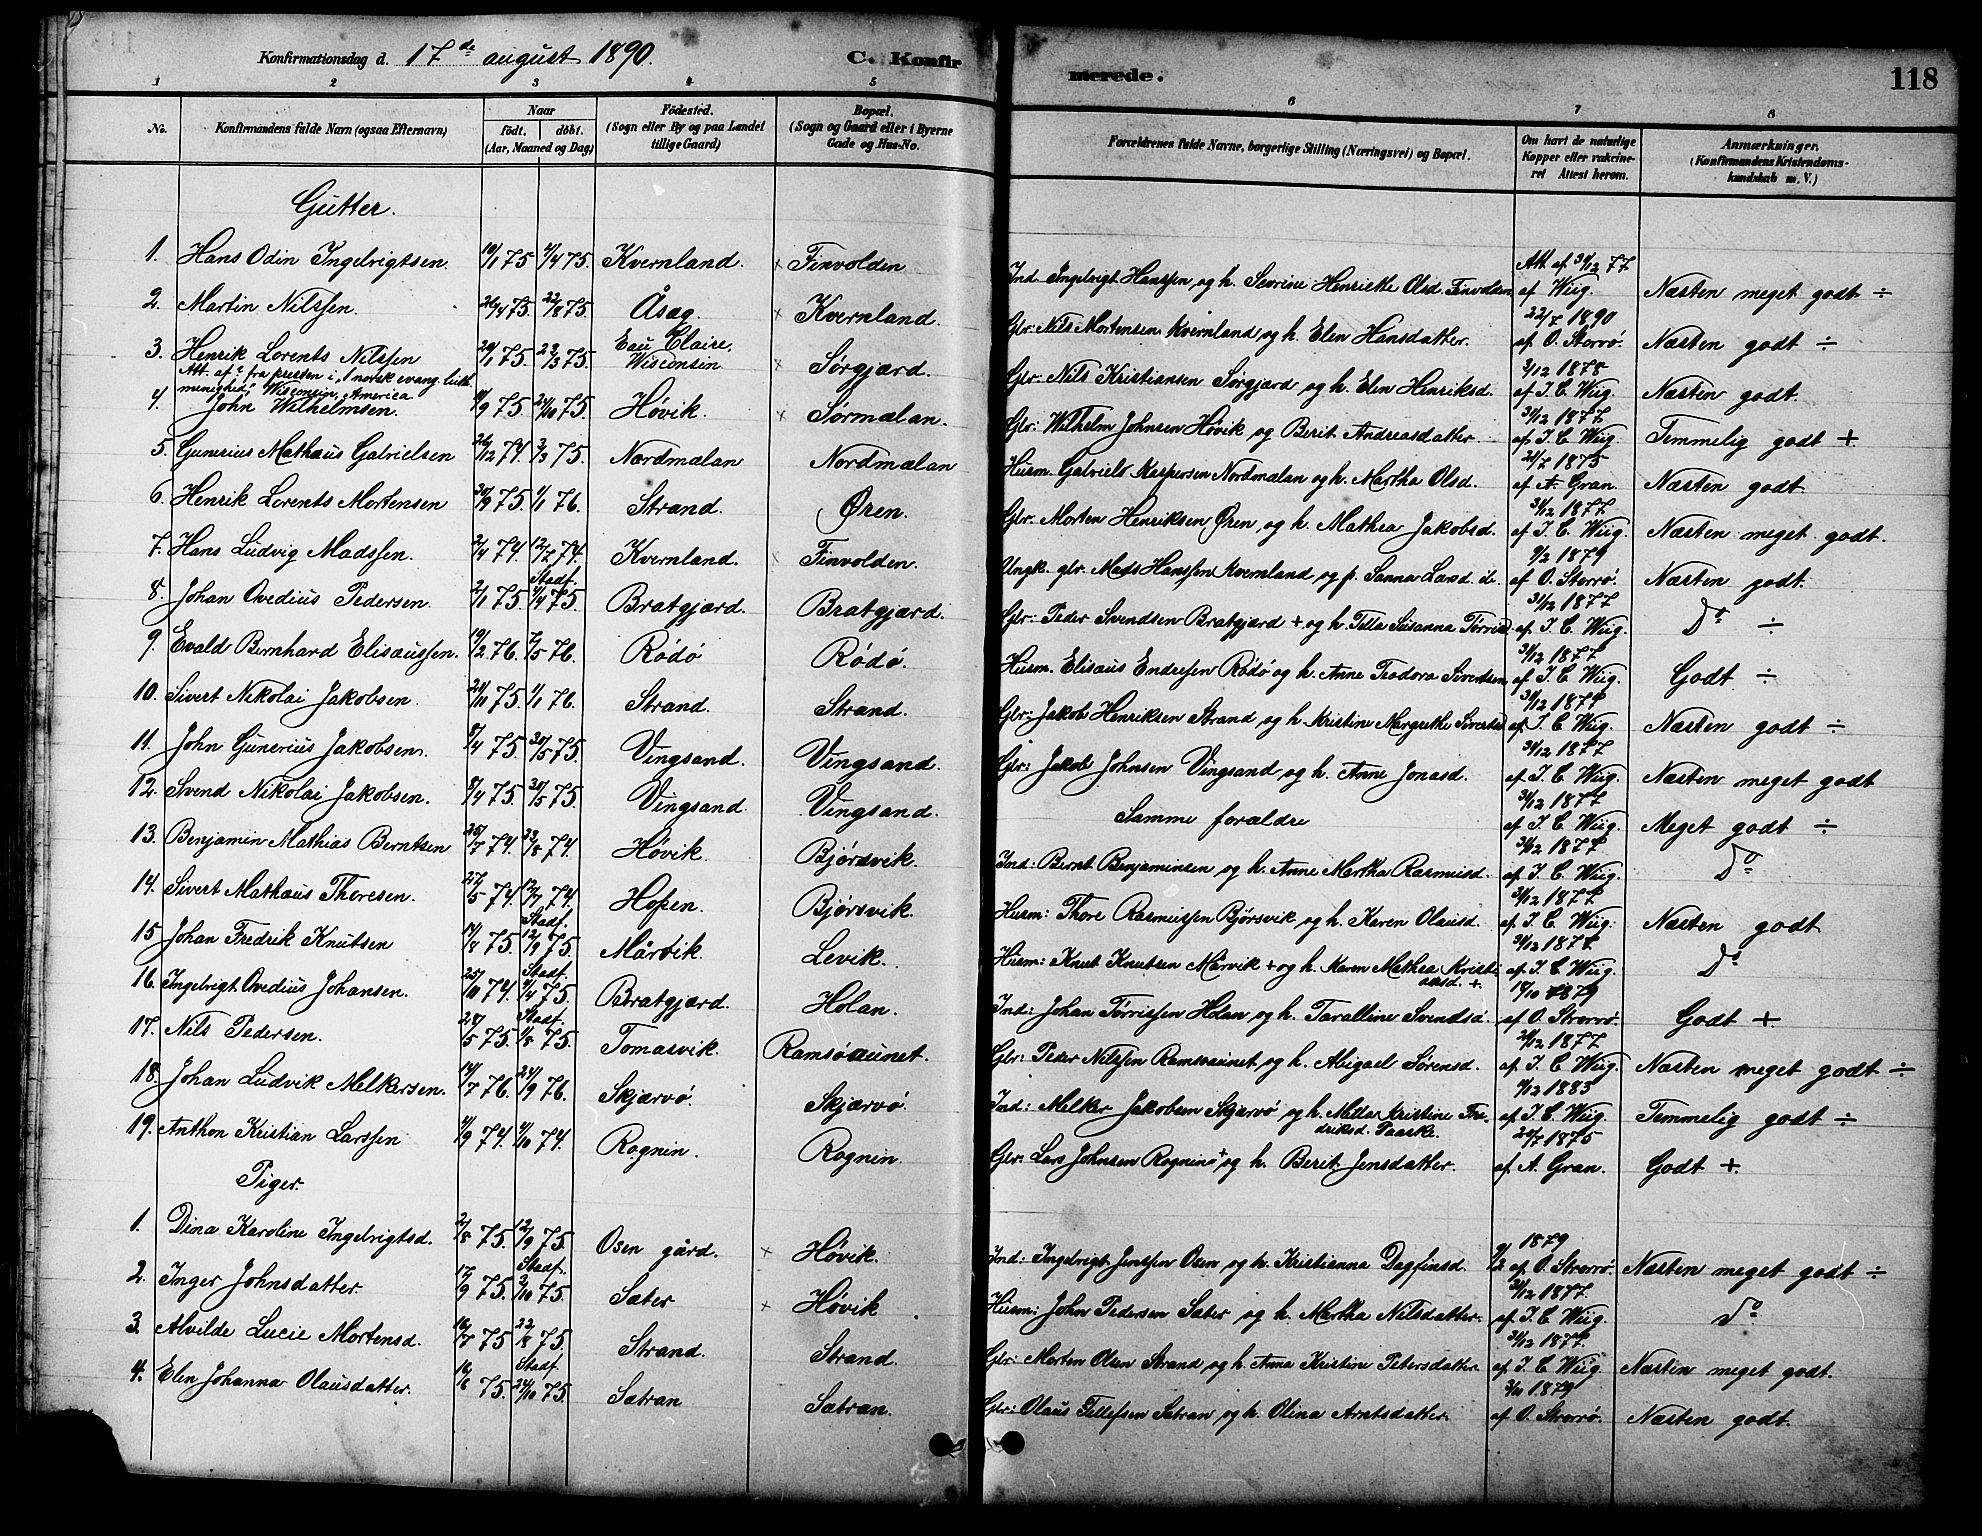 SAT, Ministerialprotokoller, klokkerbøker og fødselsregistre - Sør-Trøndelag, 658/L0726: Klokkerbok nr. 658C02, 1883-1908, s. 118